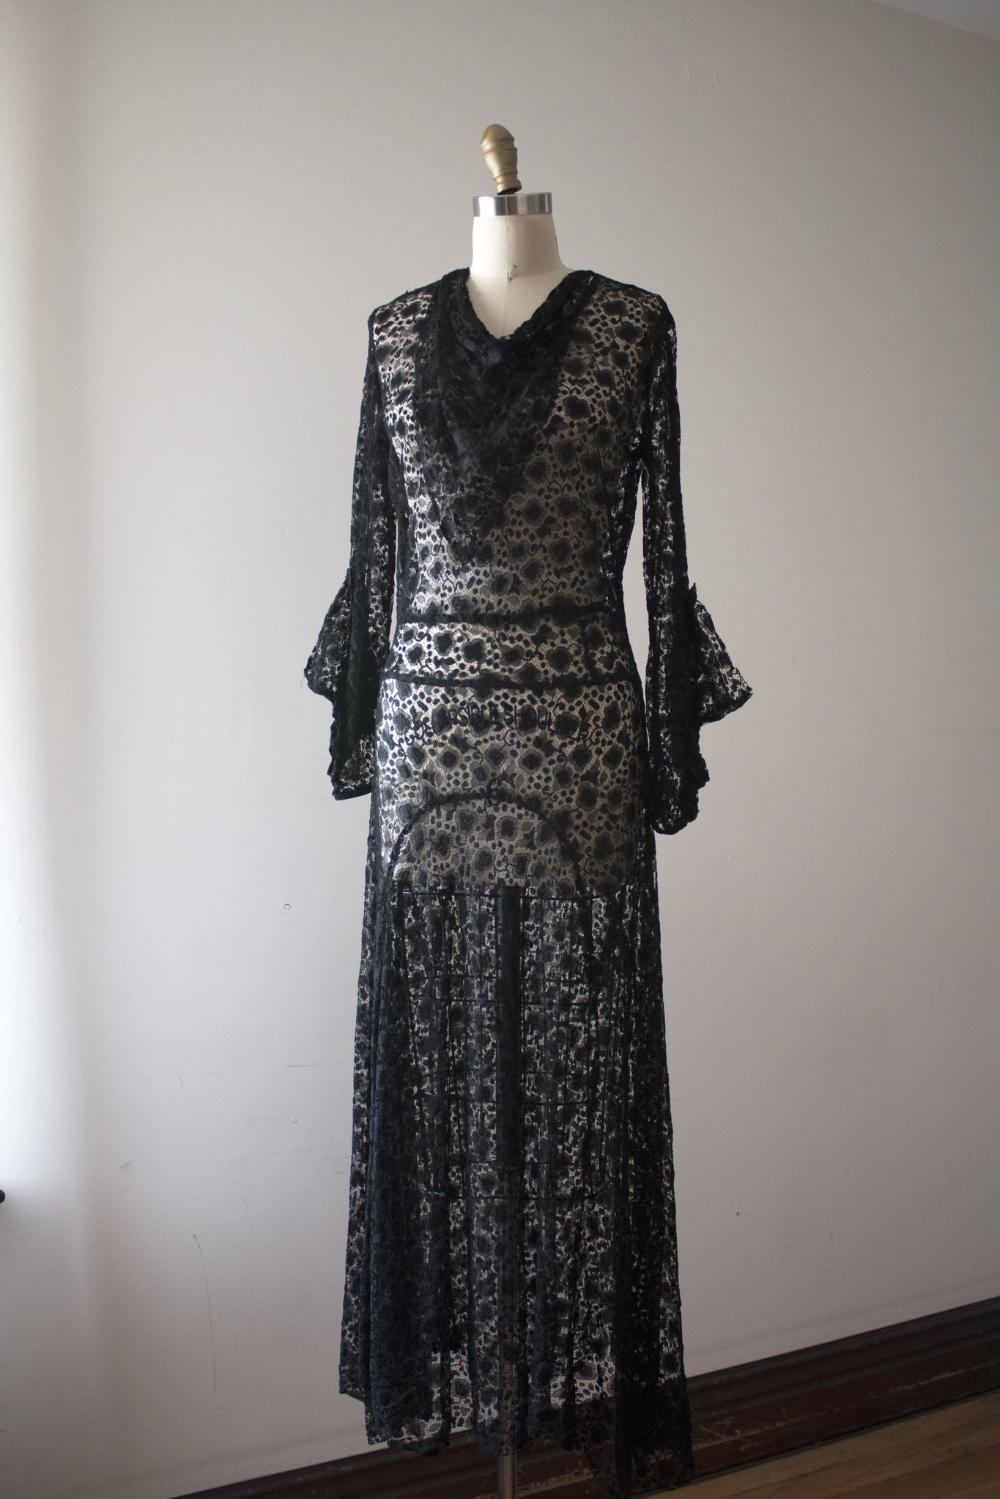 Vintage 1930s Black Lace Dress Trunk Of Dresses Black Lace Cocktail Dress Cocktail Dress Lace Black Lace Dress [ 1499 x 1000 Pixel ]